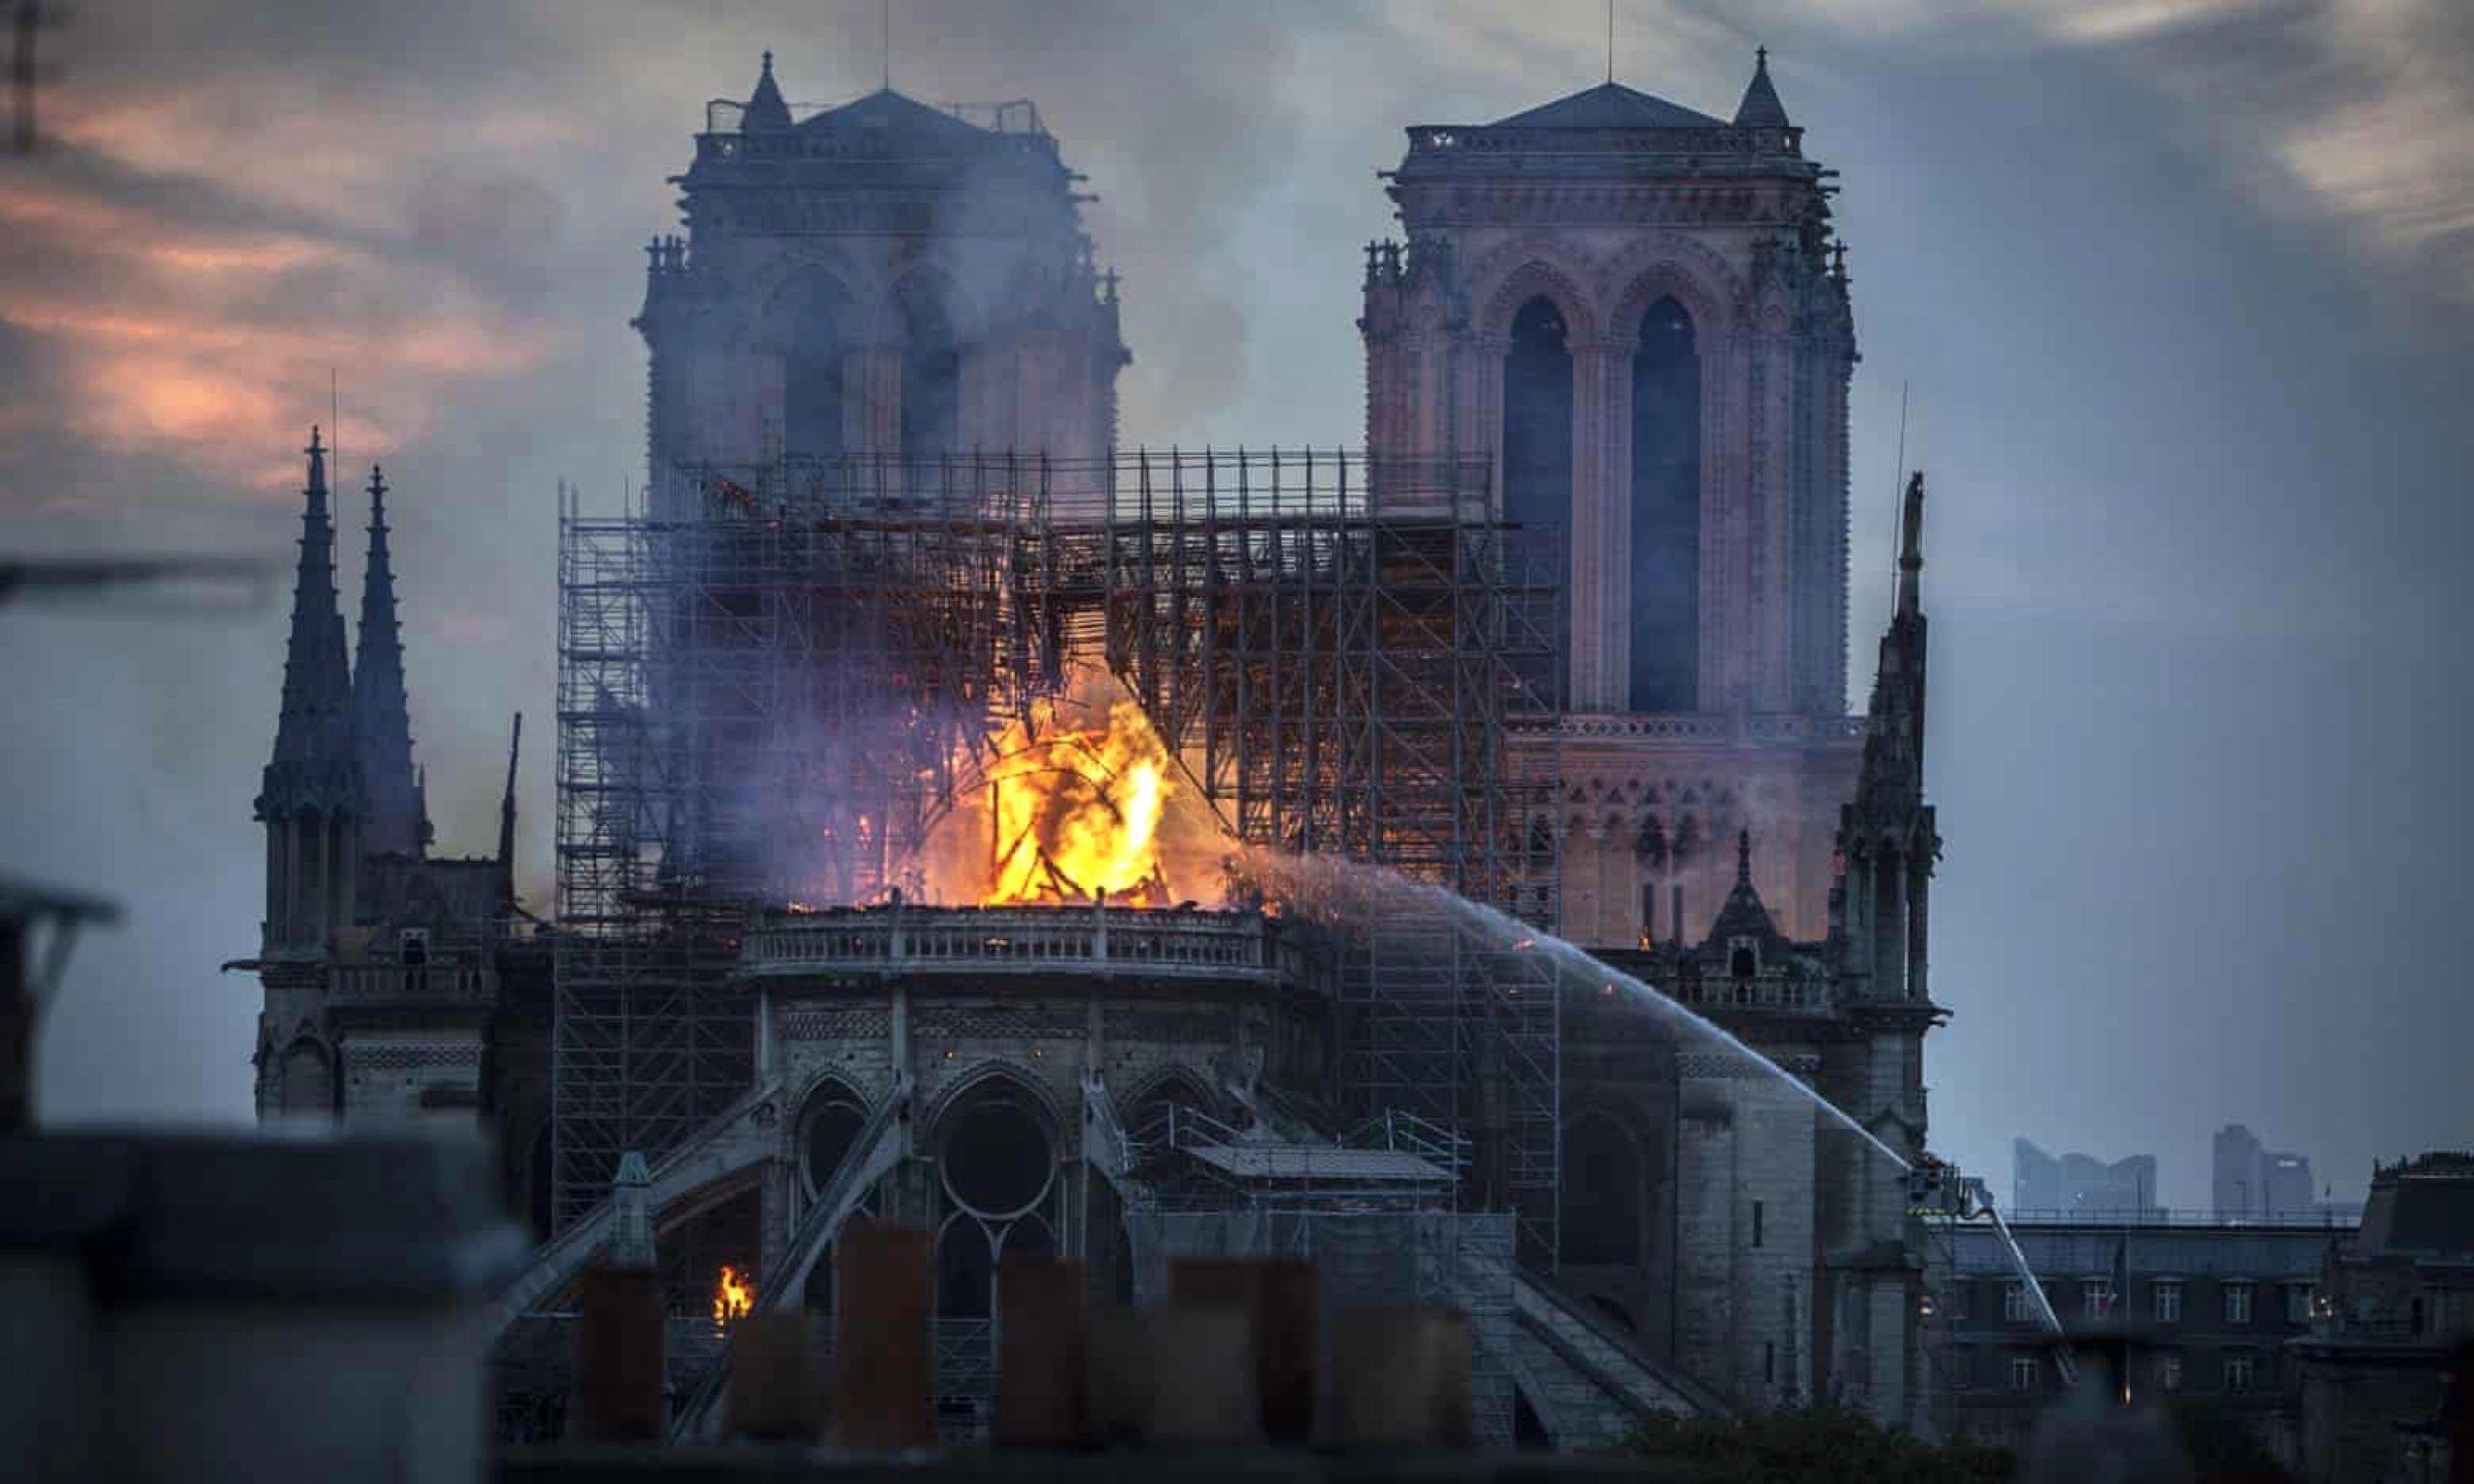 大火过后,《巴黎圣母院》成畅销书